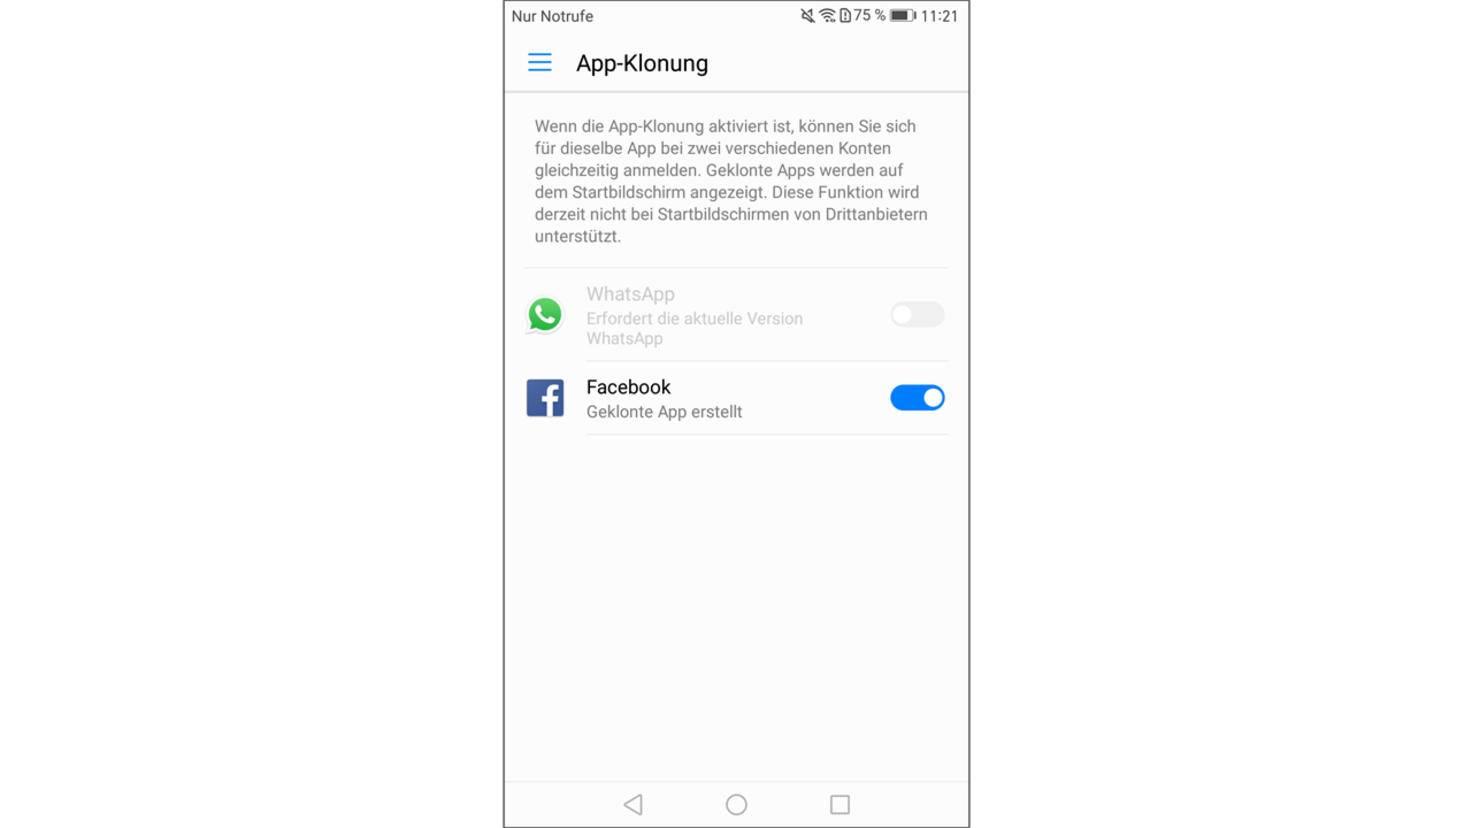 Huawei Mate 9 Screenshot 23